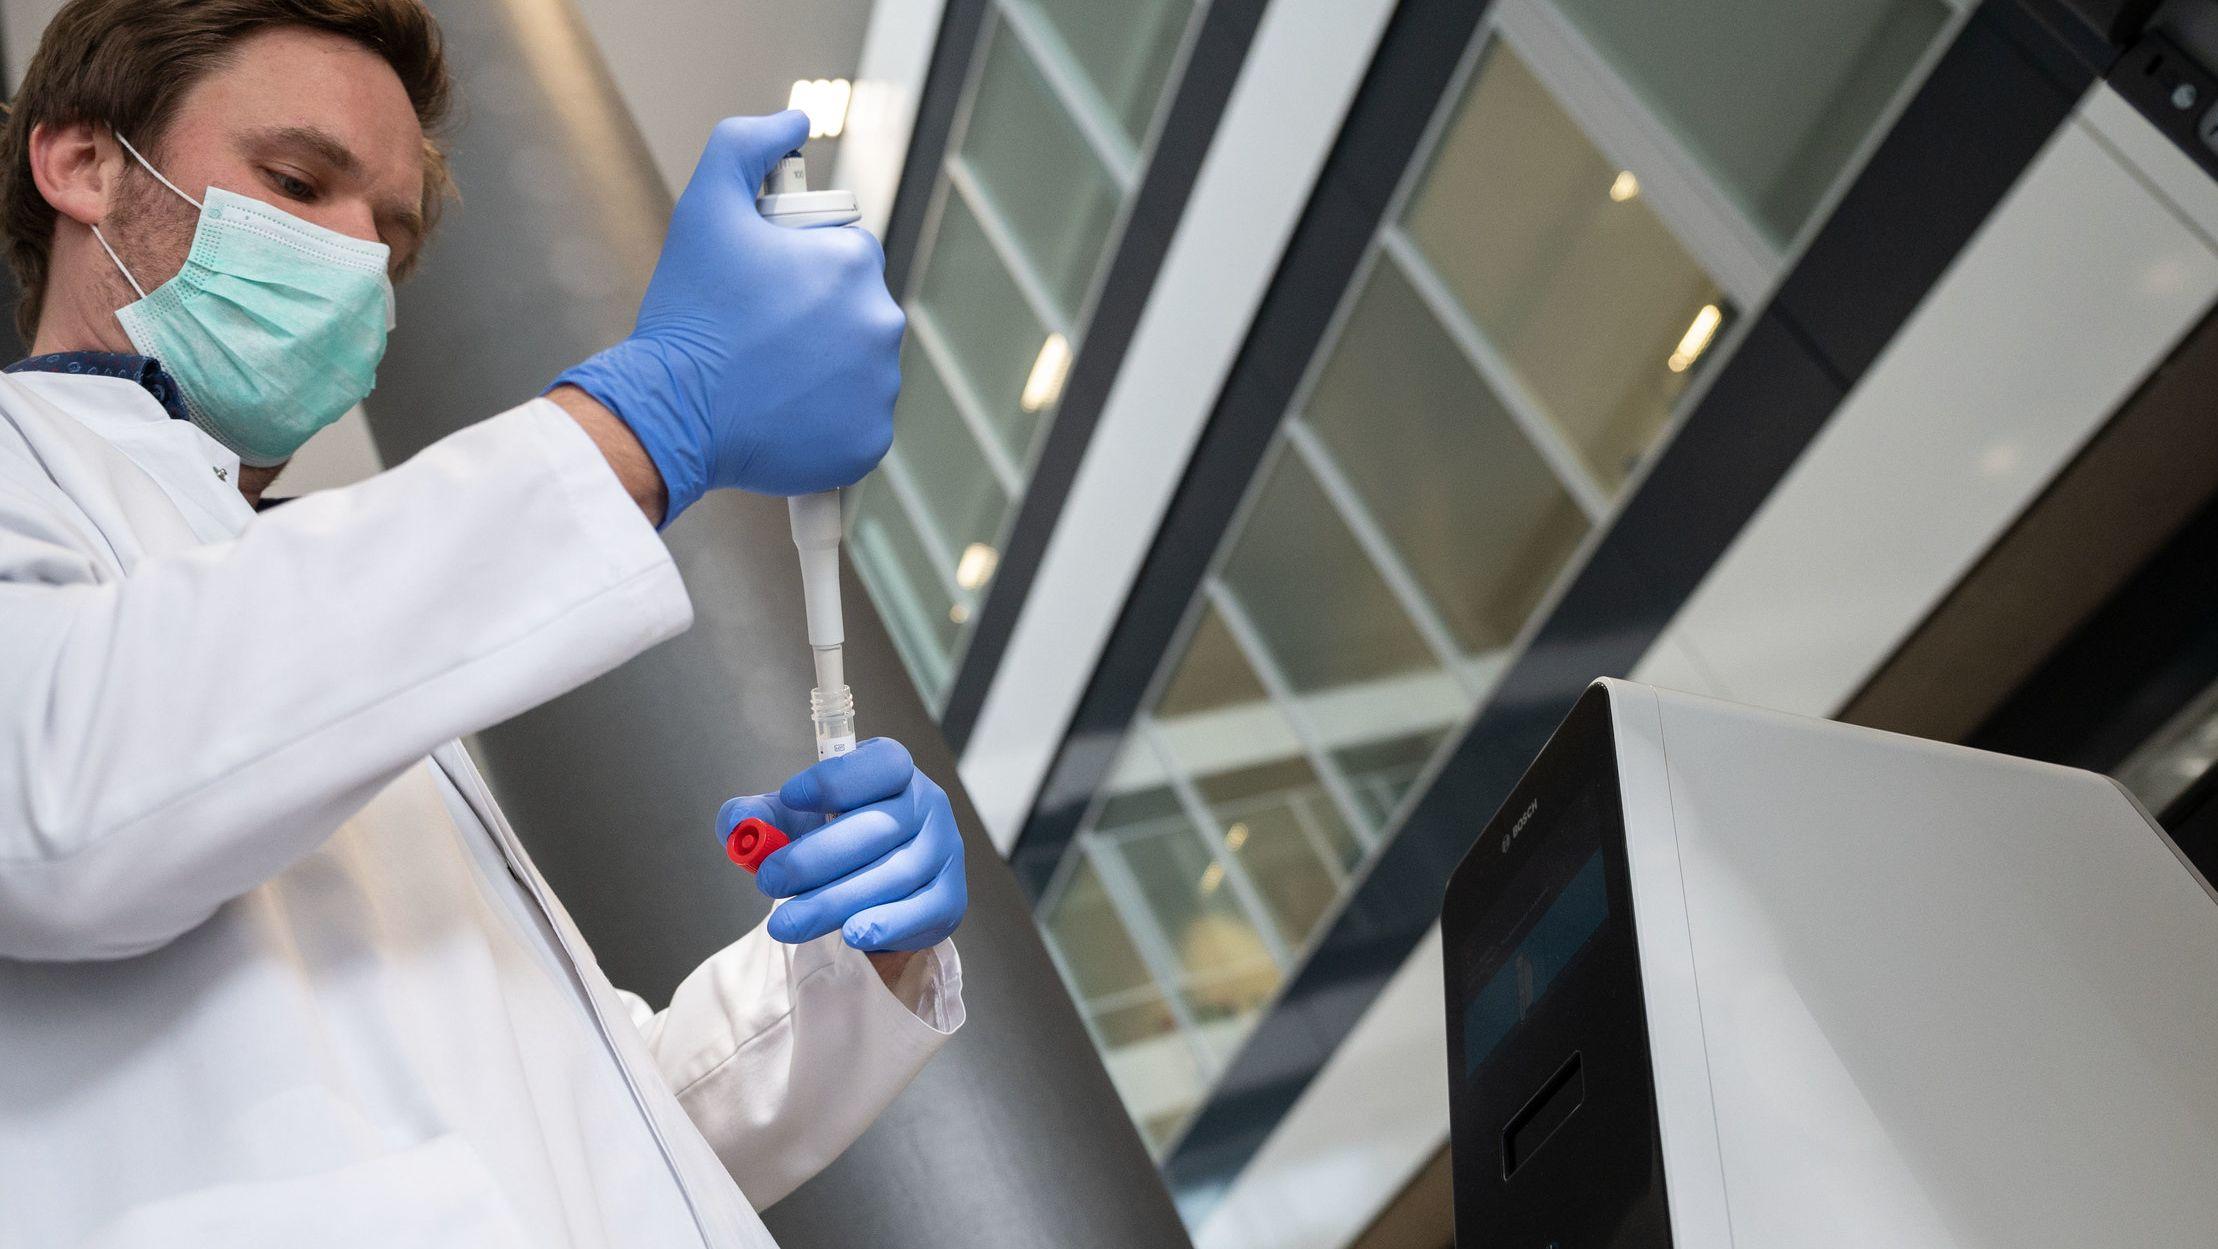 Ein Mitarbeiter führt in einem Labor einen Schnelltest durch